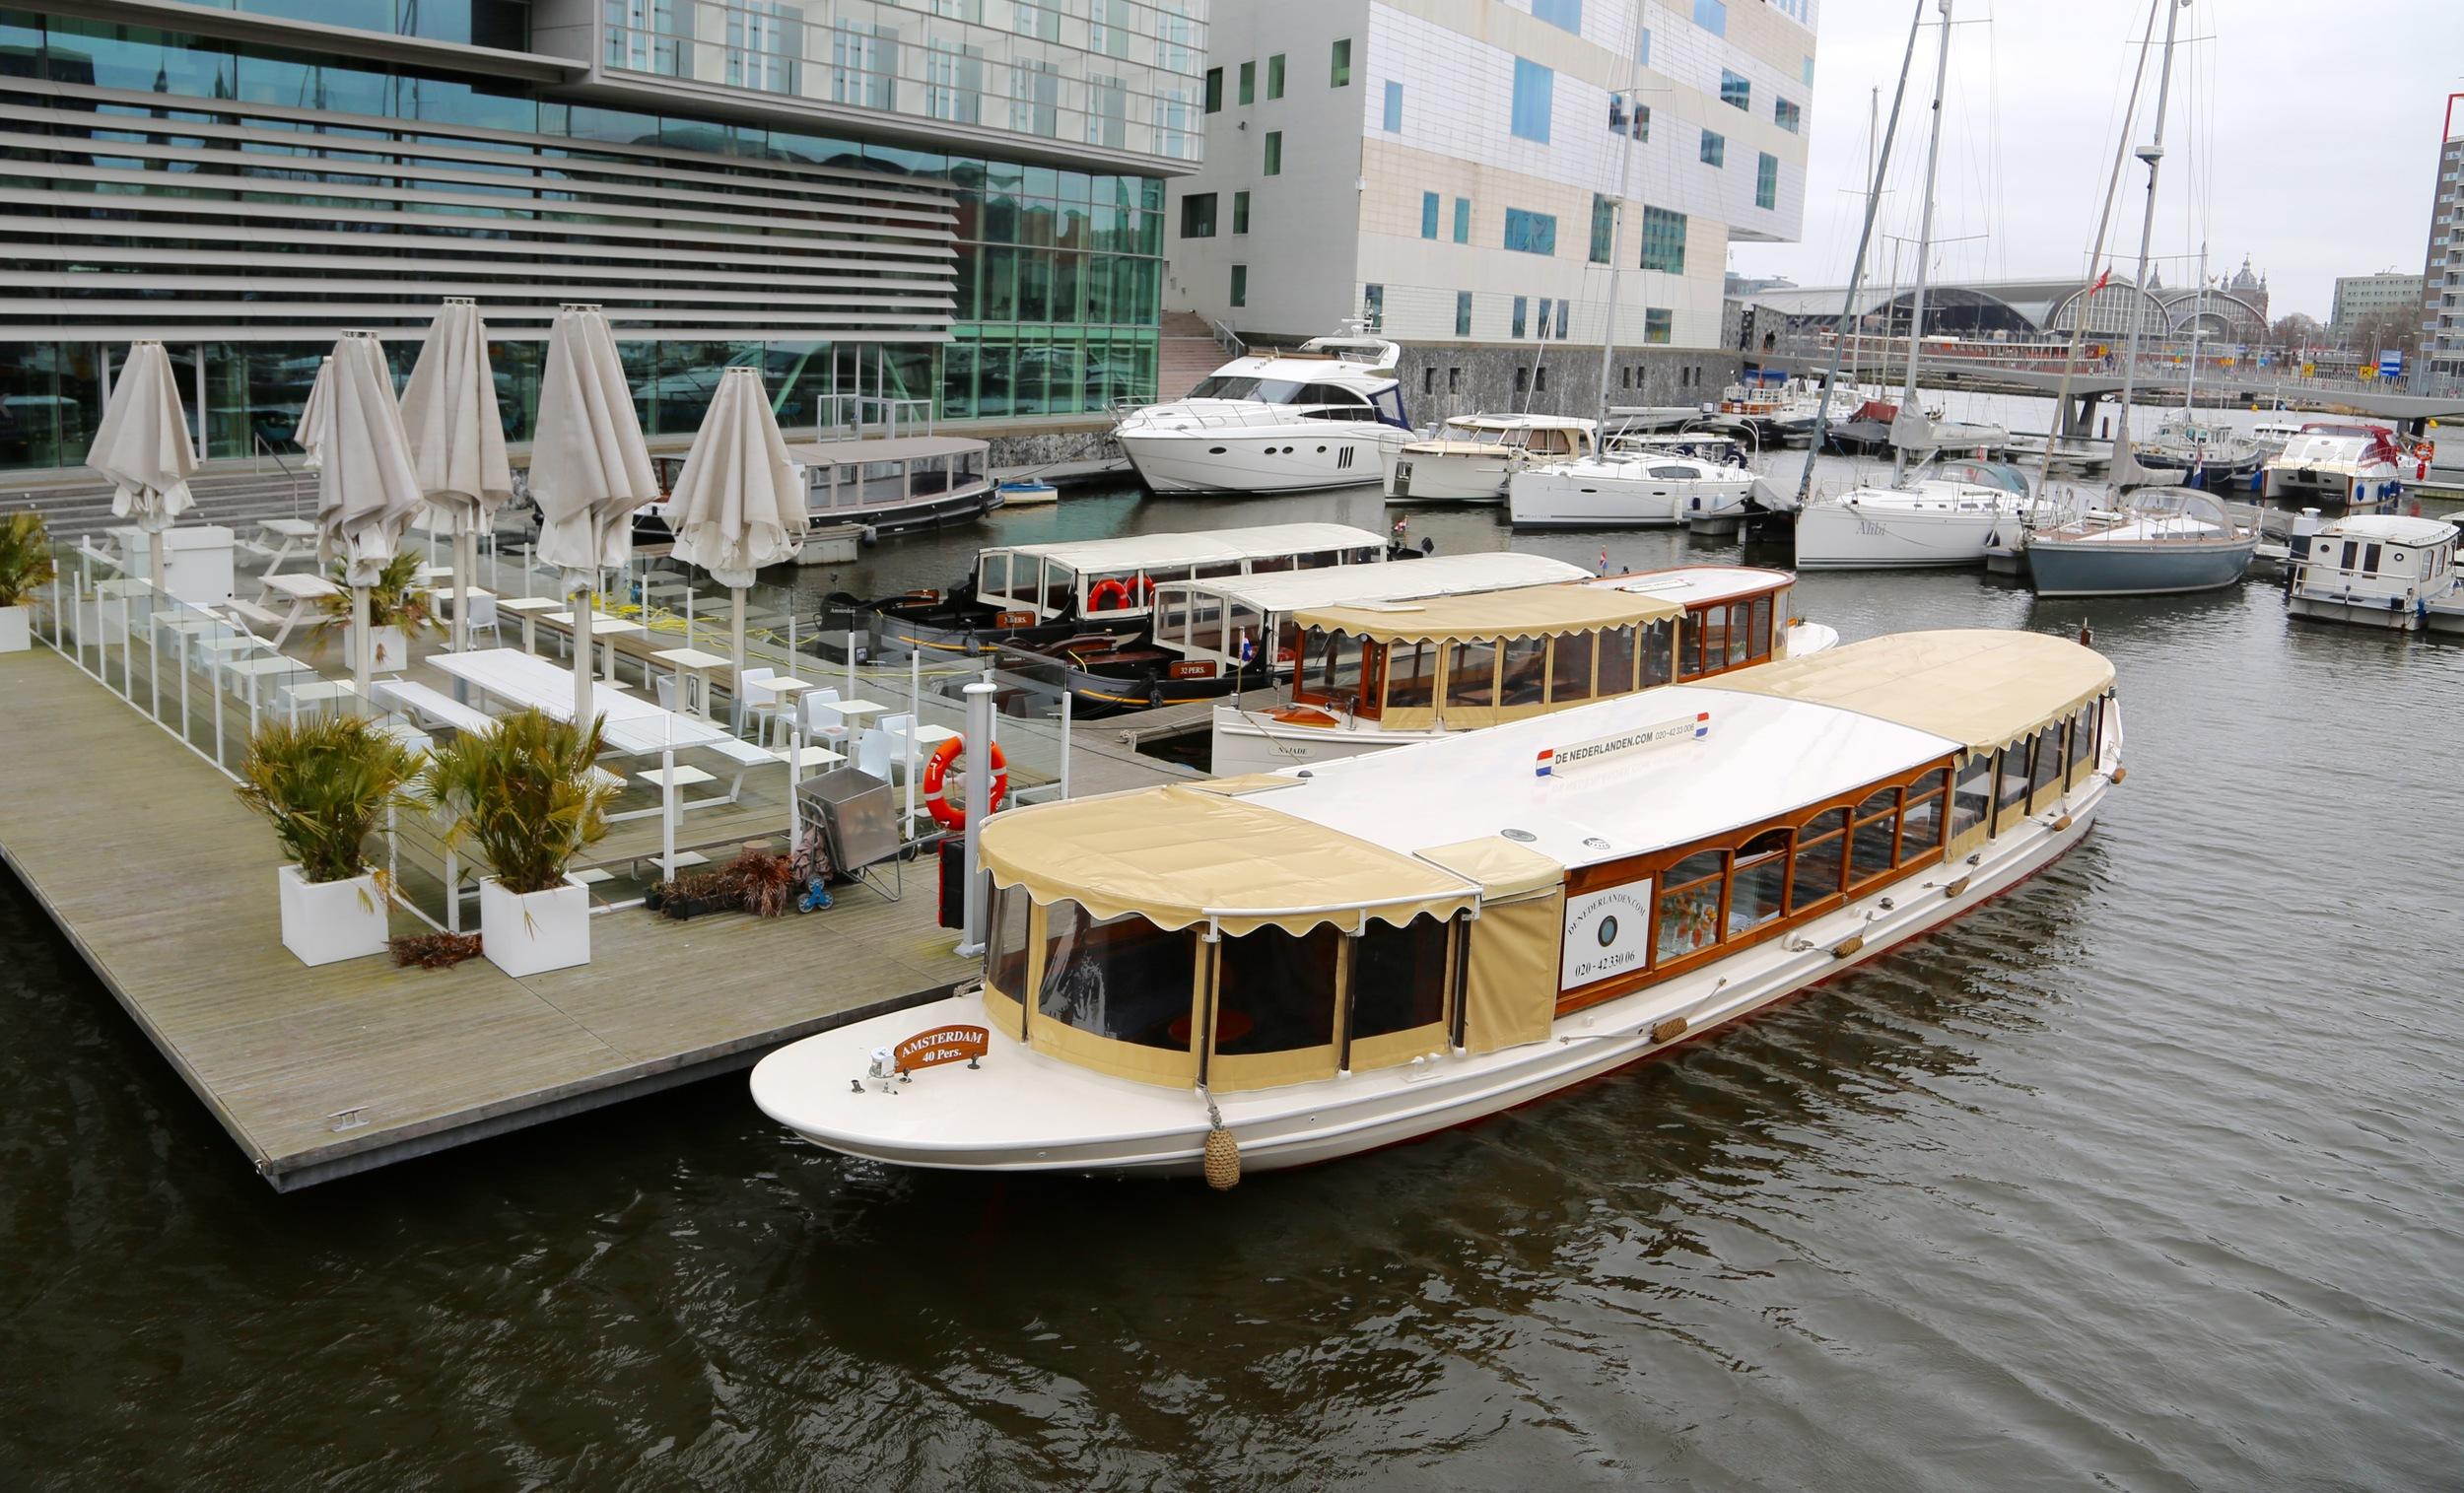 Ta et luksuscruise på kanalene i Amsterdam.                    Foto: Odd Roar Lange